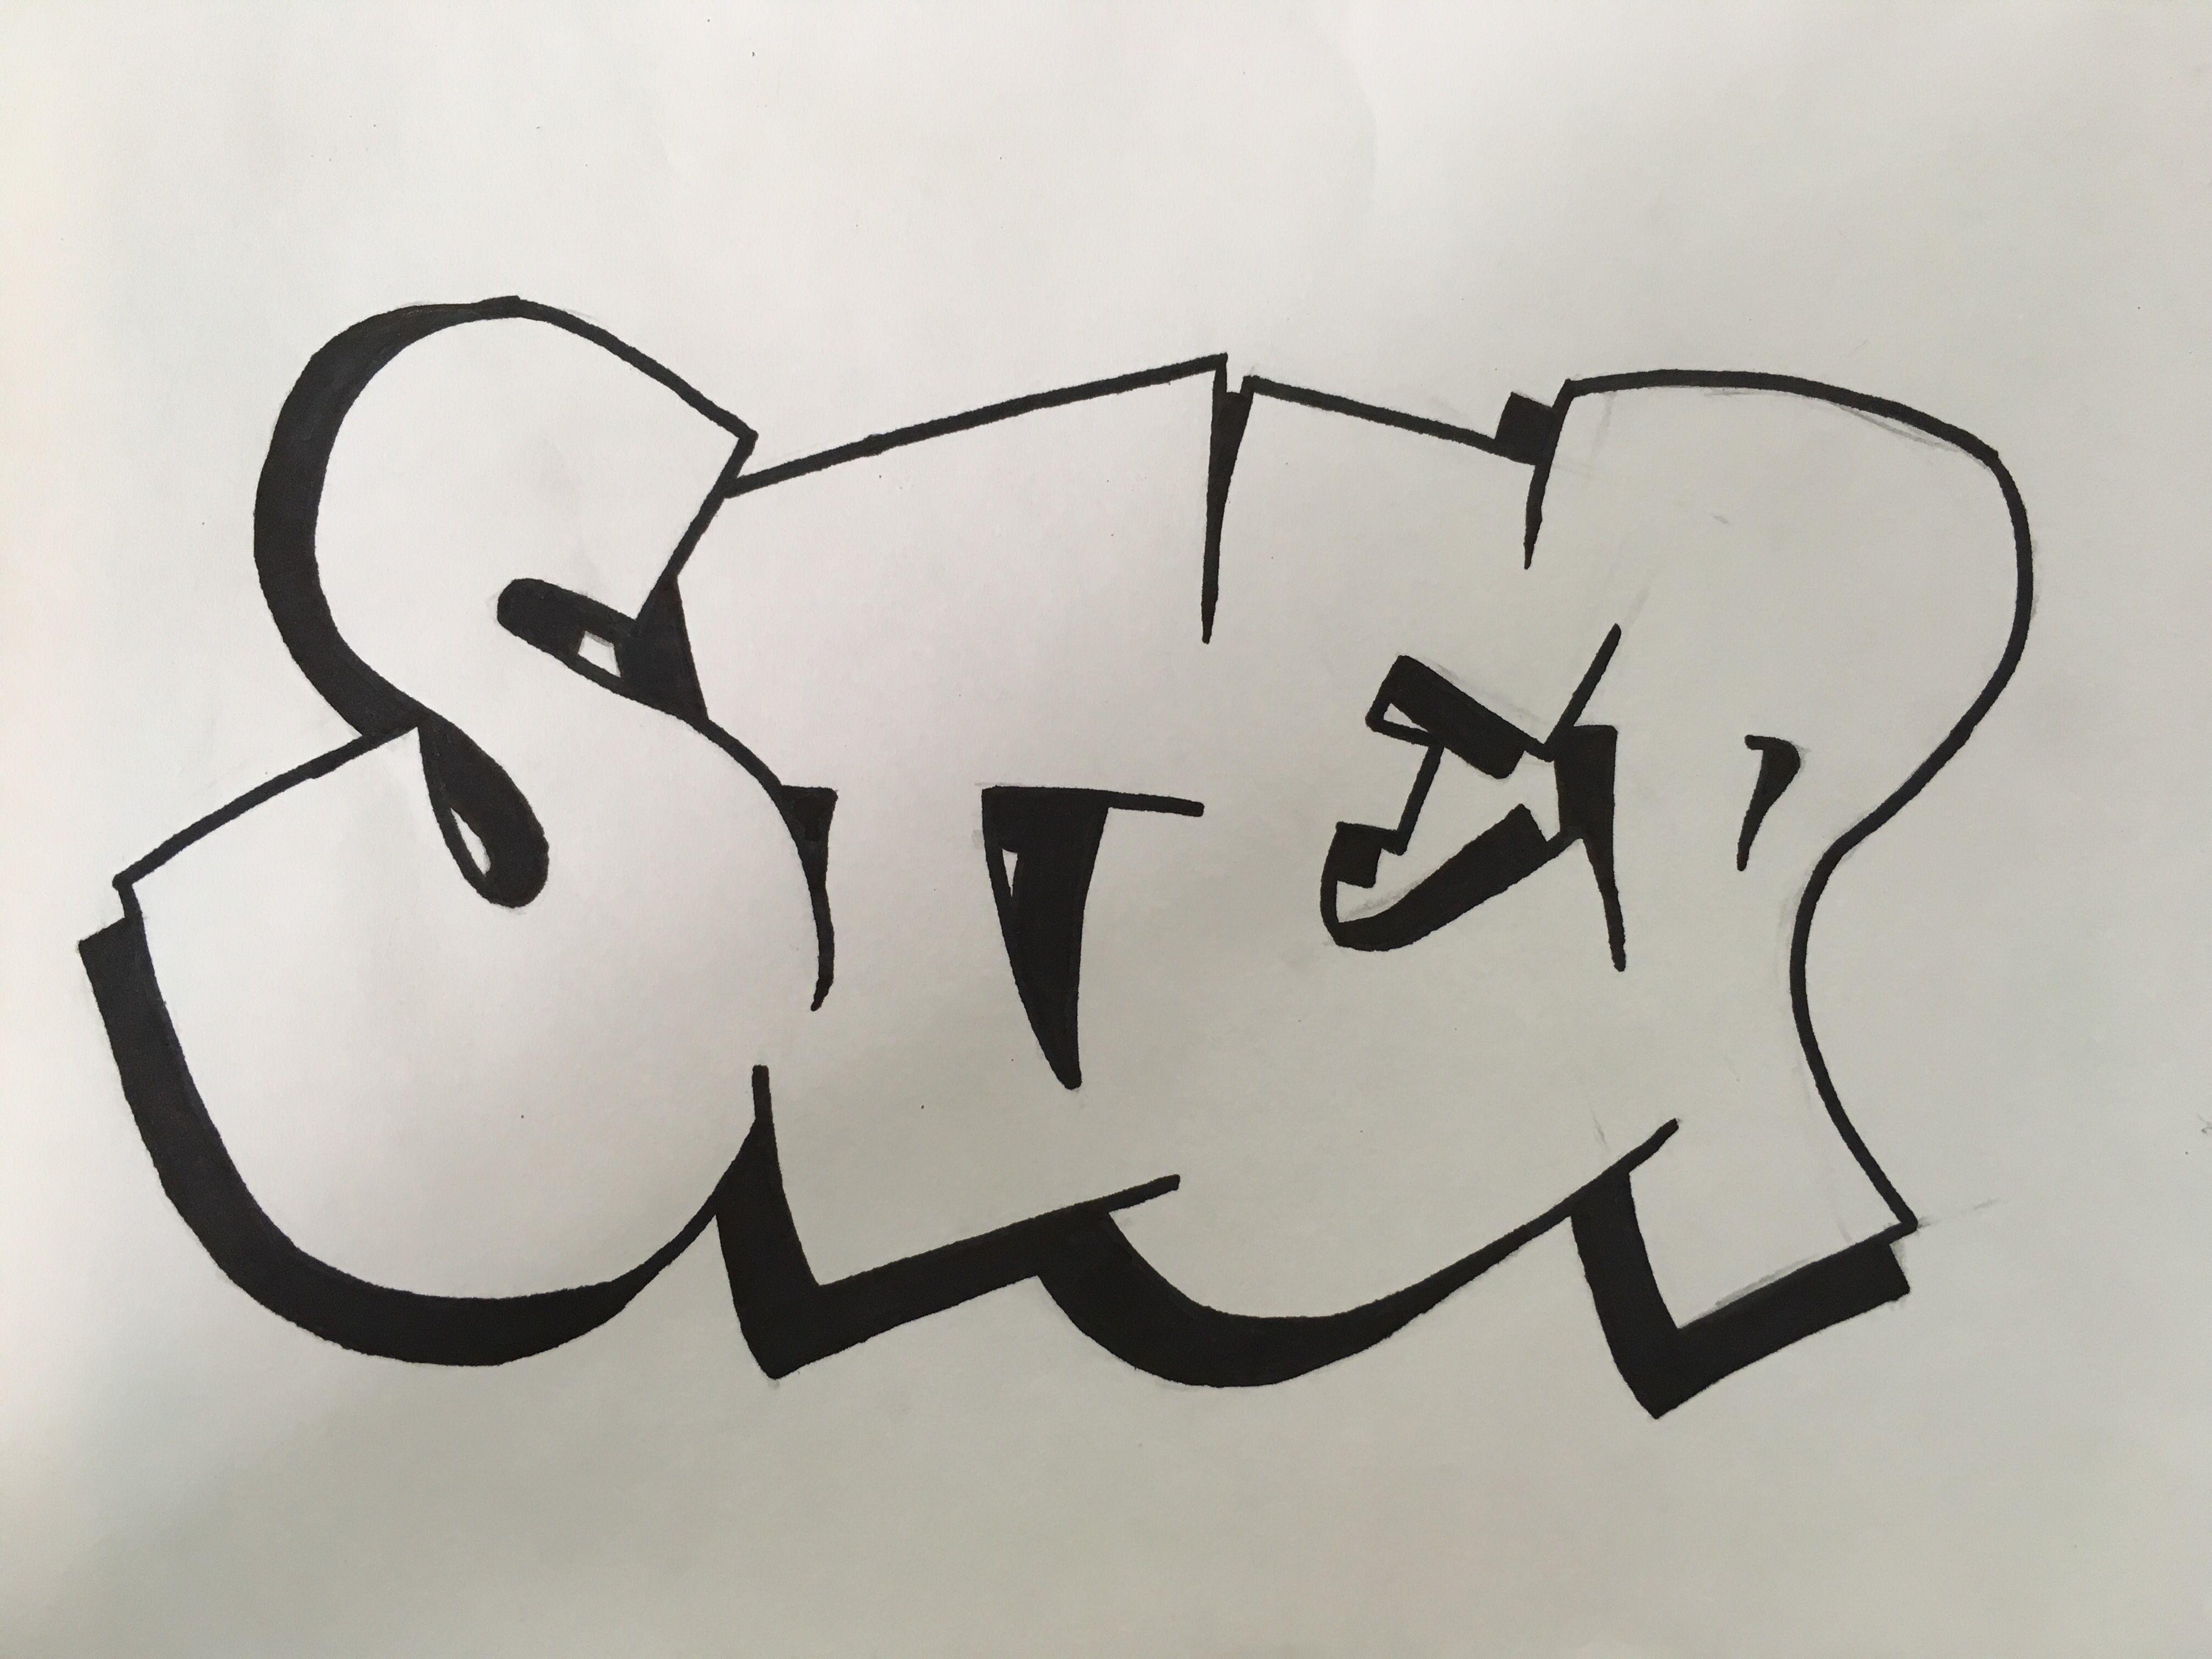 нет фотки граффити на листочке его стоит списывать